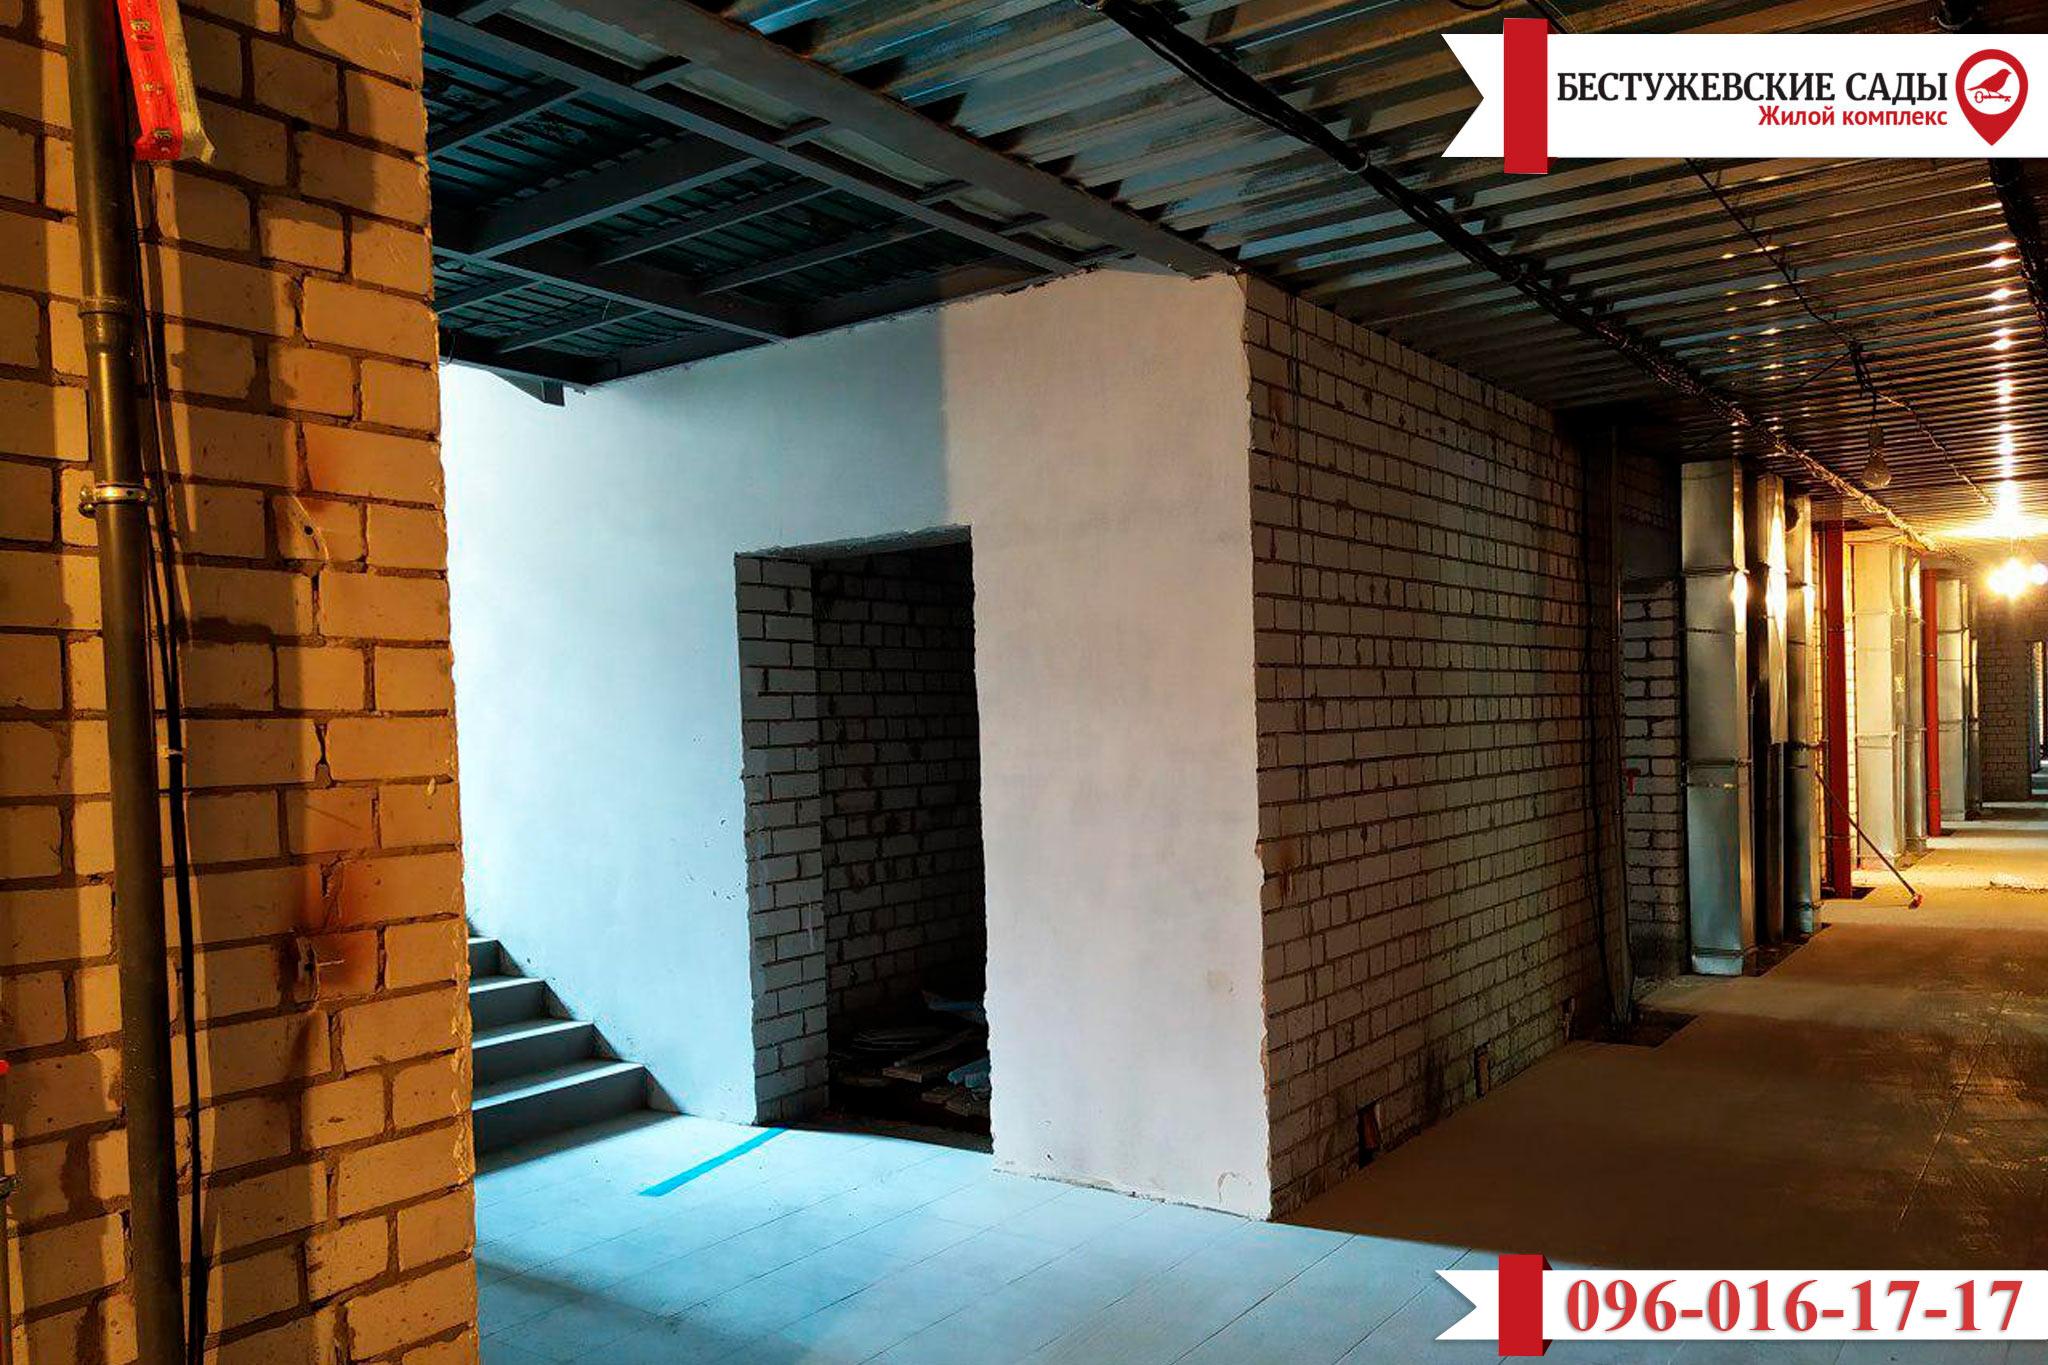 """Завершается строительство второго дома в ЖК """"Бестужевские сады""""!"""